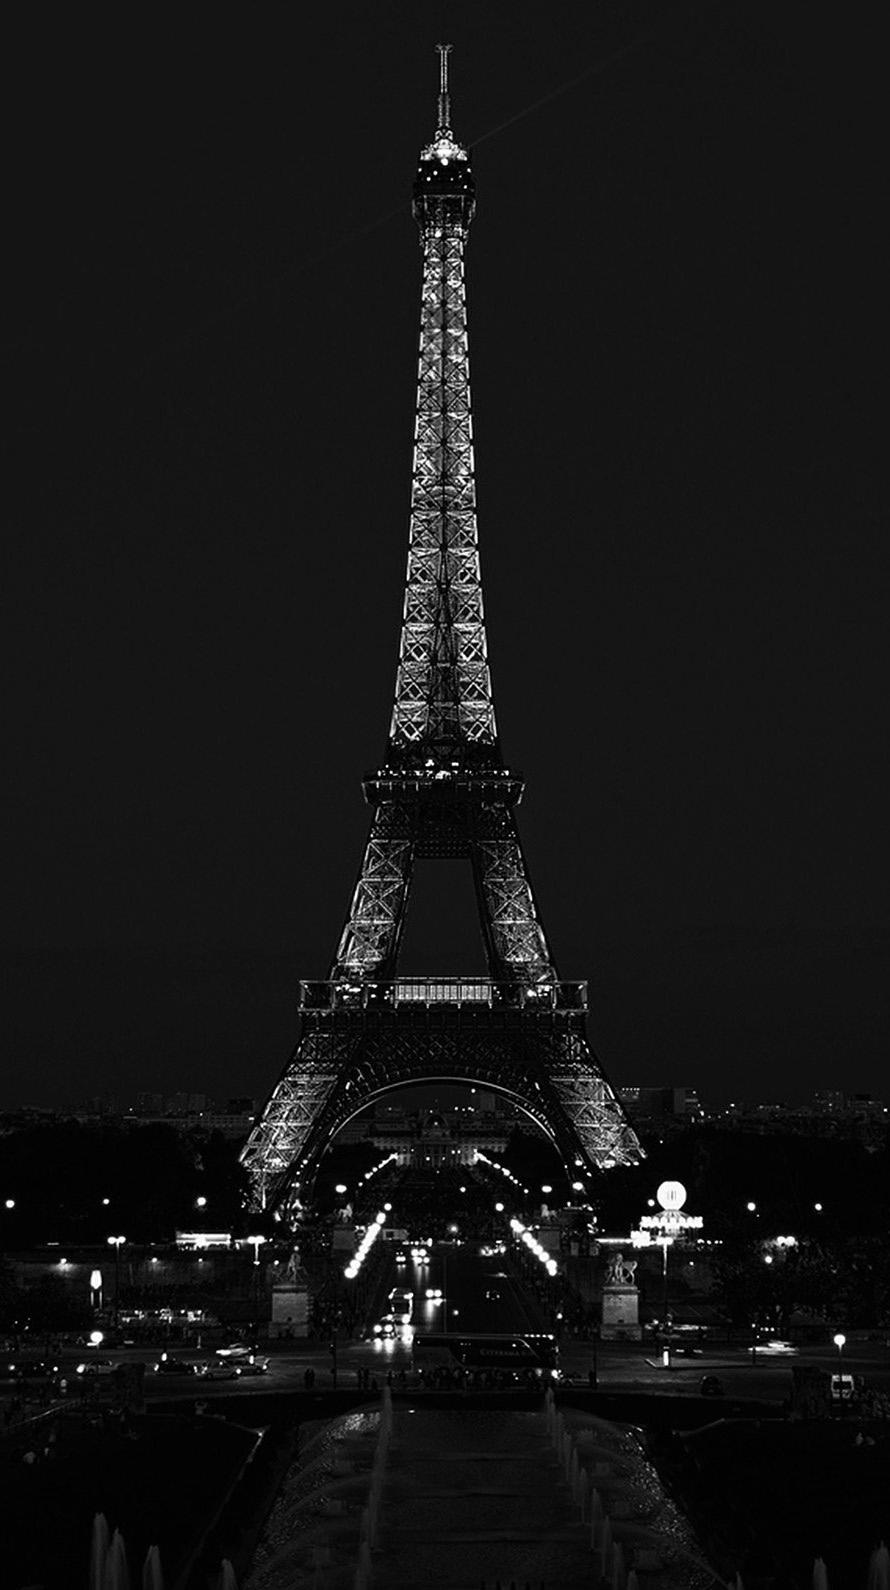 夜 パリのエッフェル塔 Iphone6壁紙 Wallpaperbox